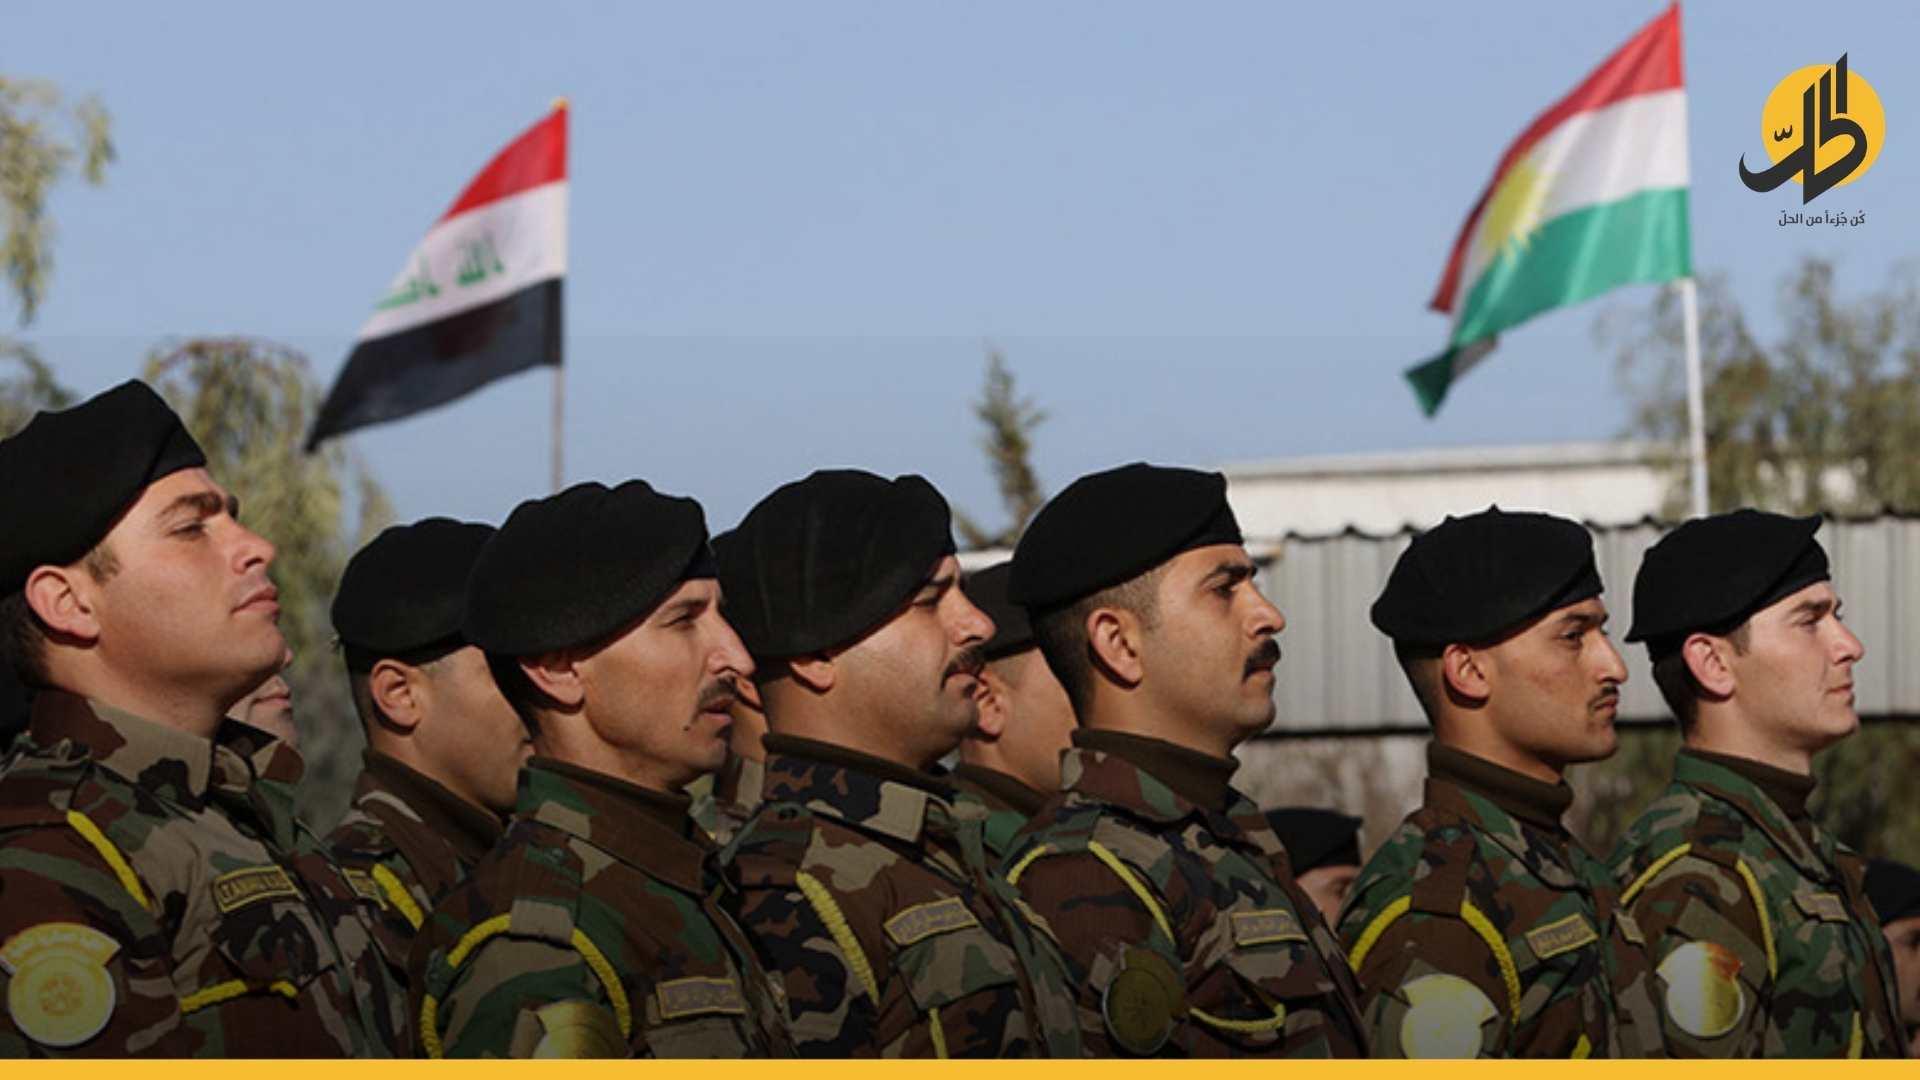 بغداد تُحاكم 75 ضابطاً كردياً من كركوك شاركوا باستفتاء إقليم كردستان: لماذا الآن؟